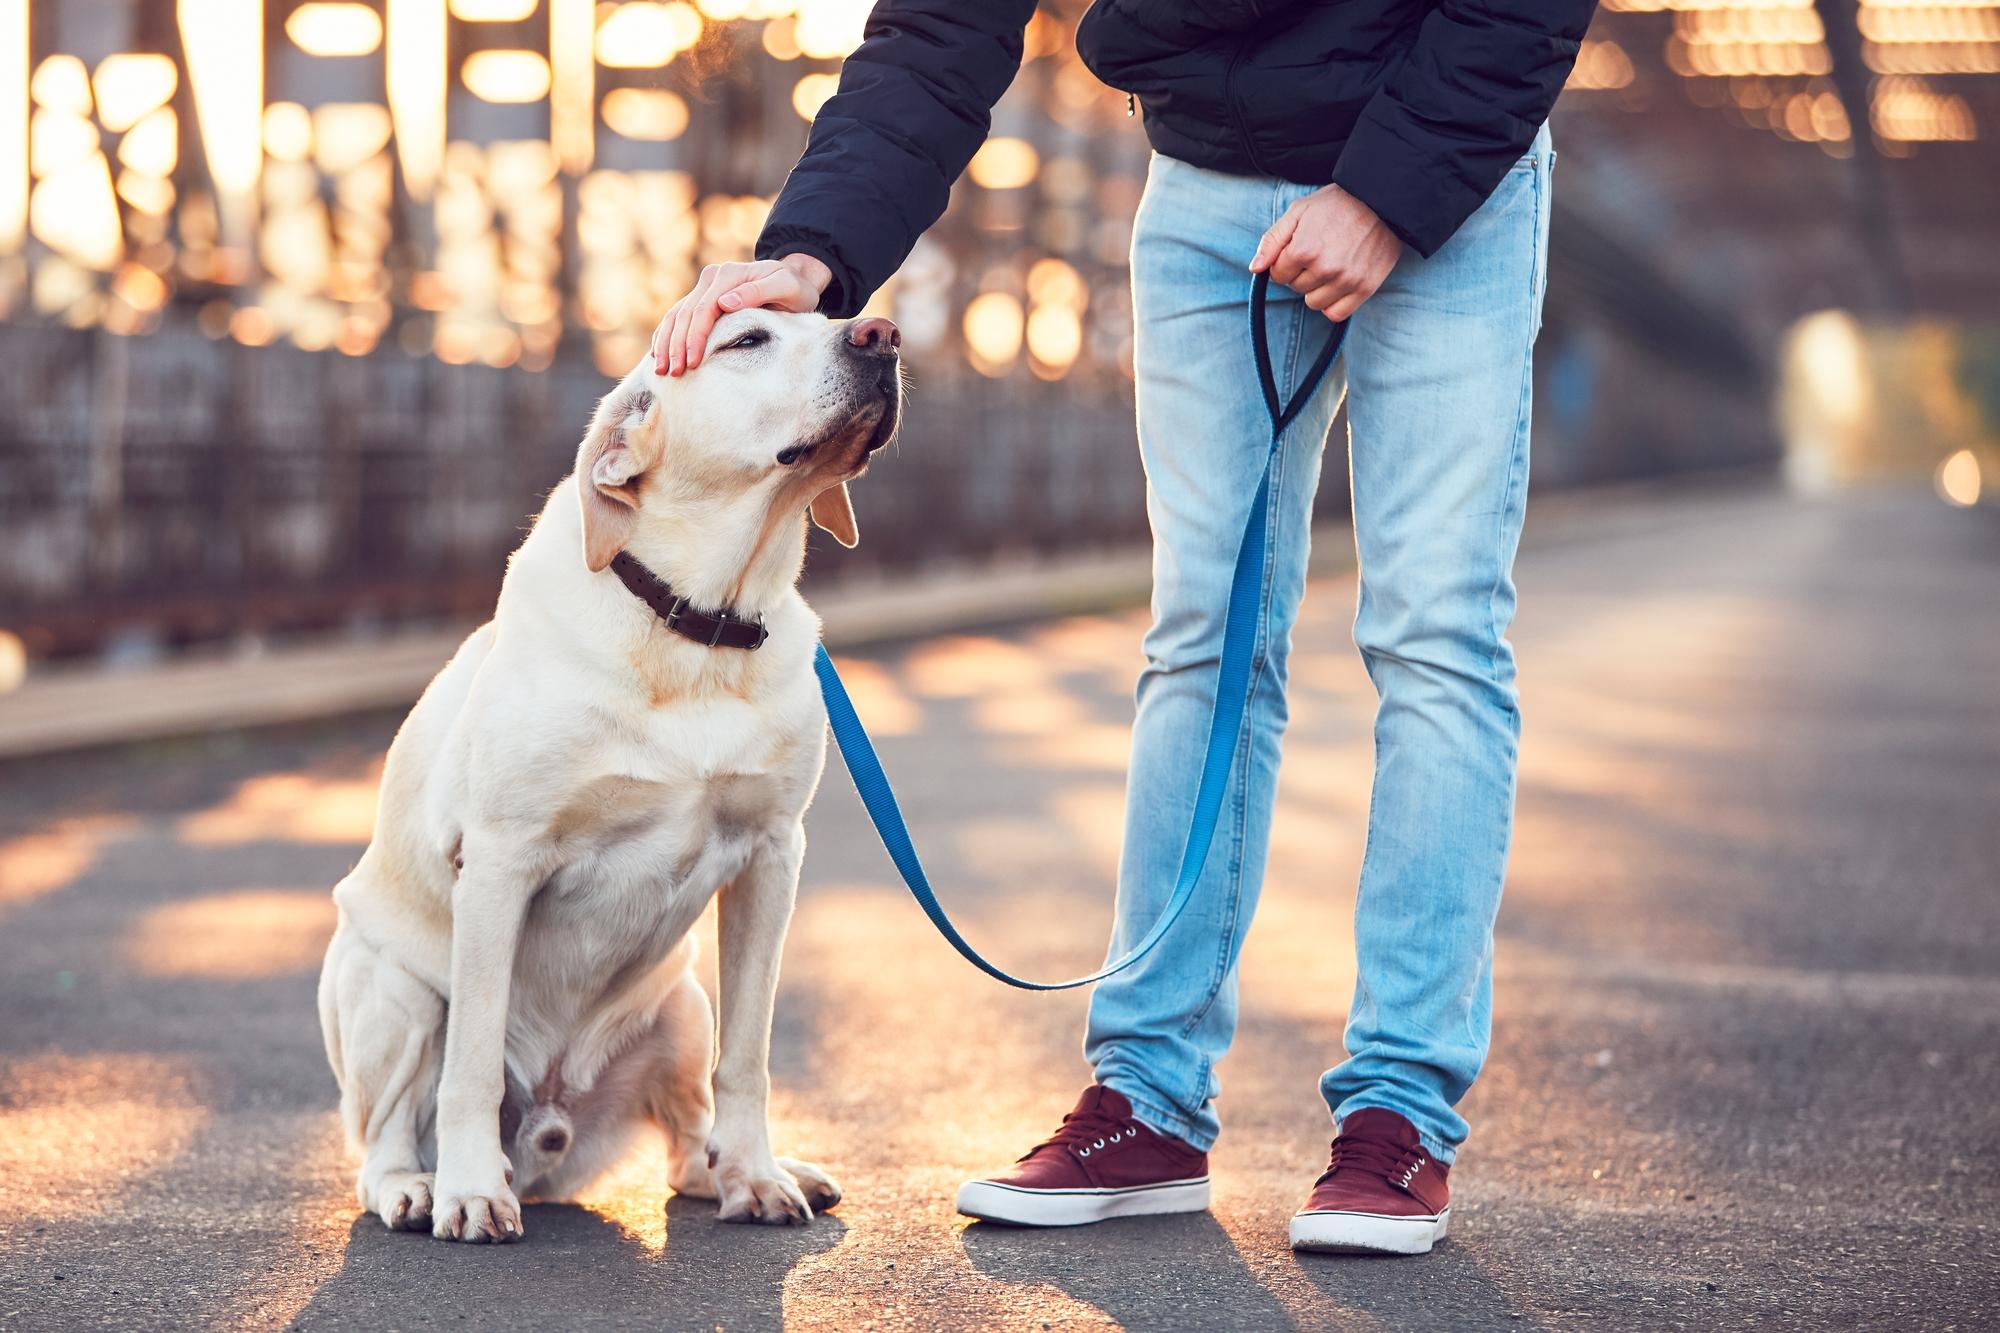 これで完璧!愛犬に「ヒール・つけ(ついて)・横」の教え方と注意点とは